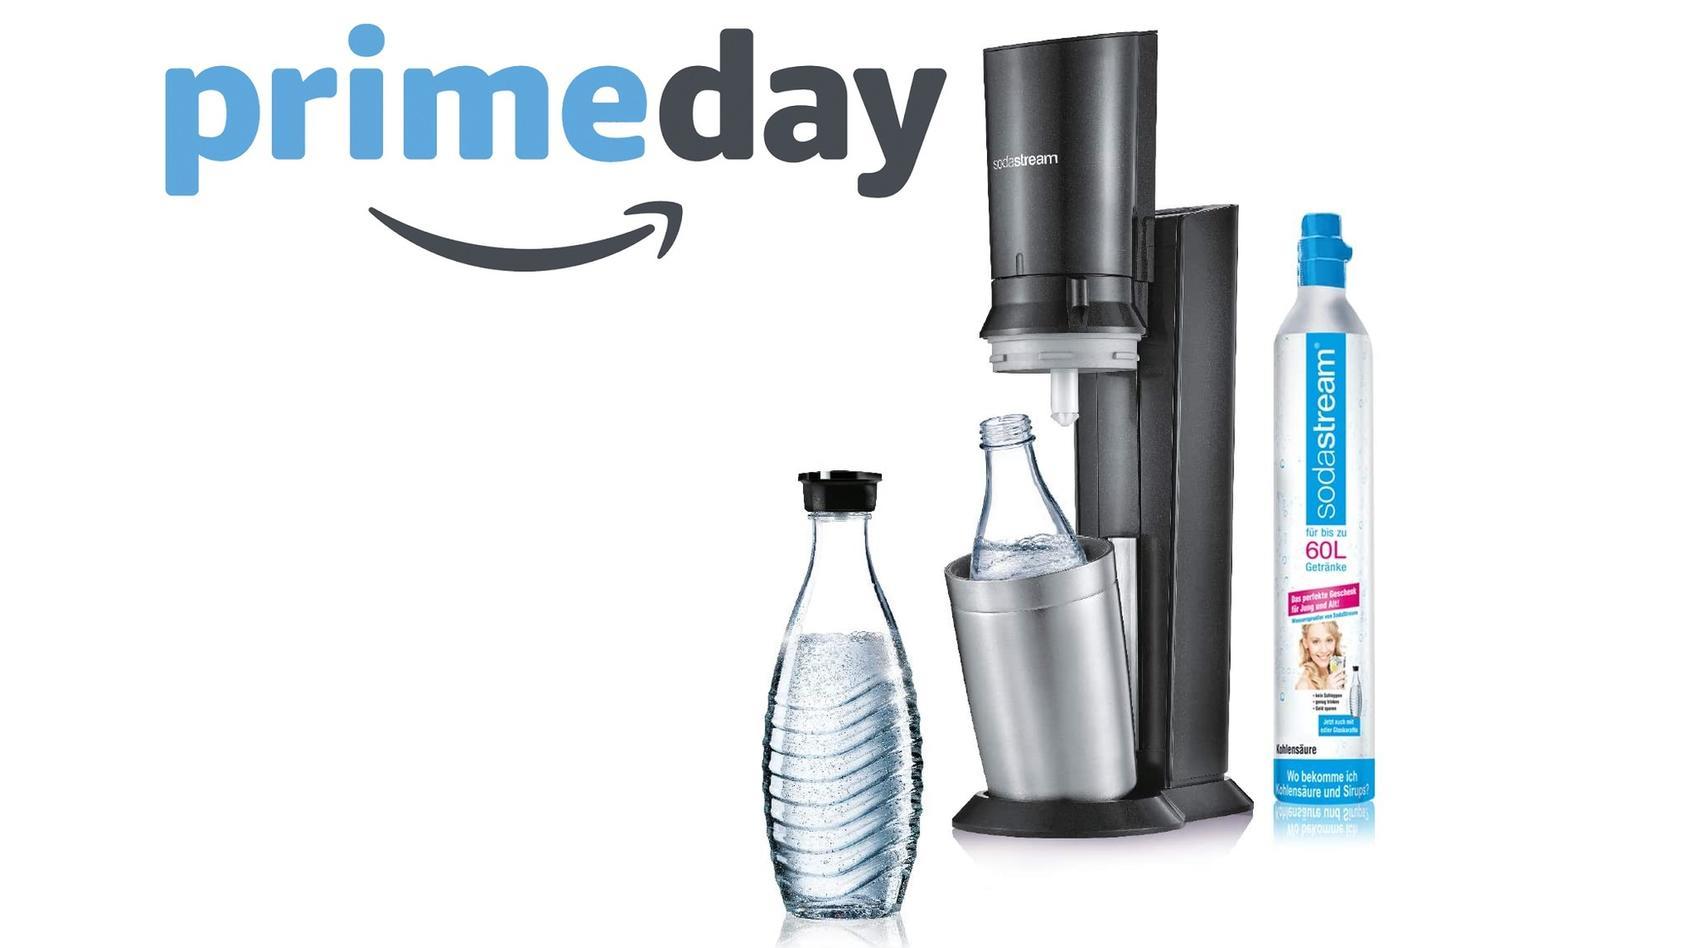 SodaStream für weniger als 100 Euro: Der Amazon Prime Day 2021 macht es möglich